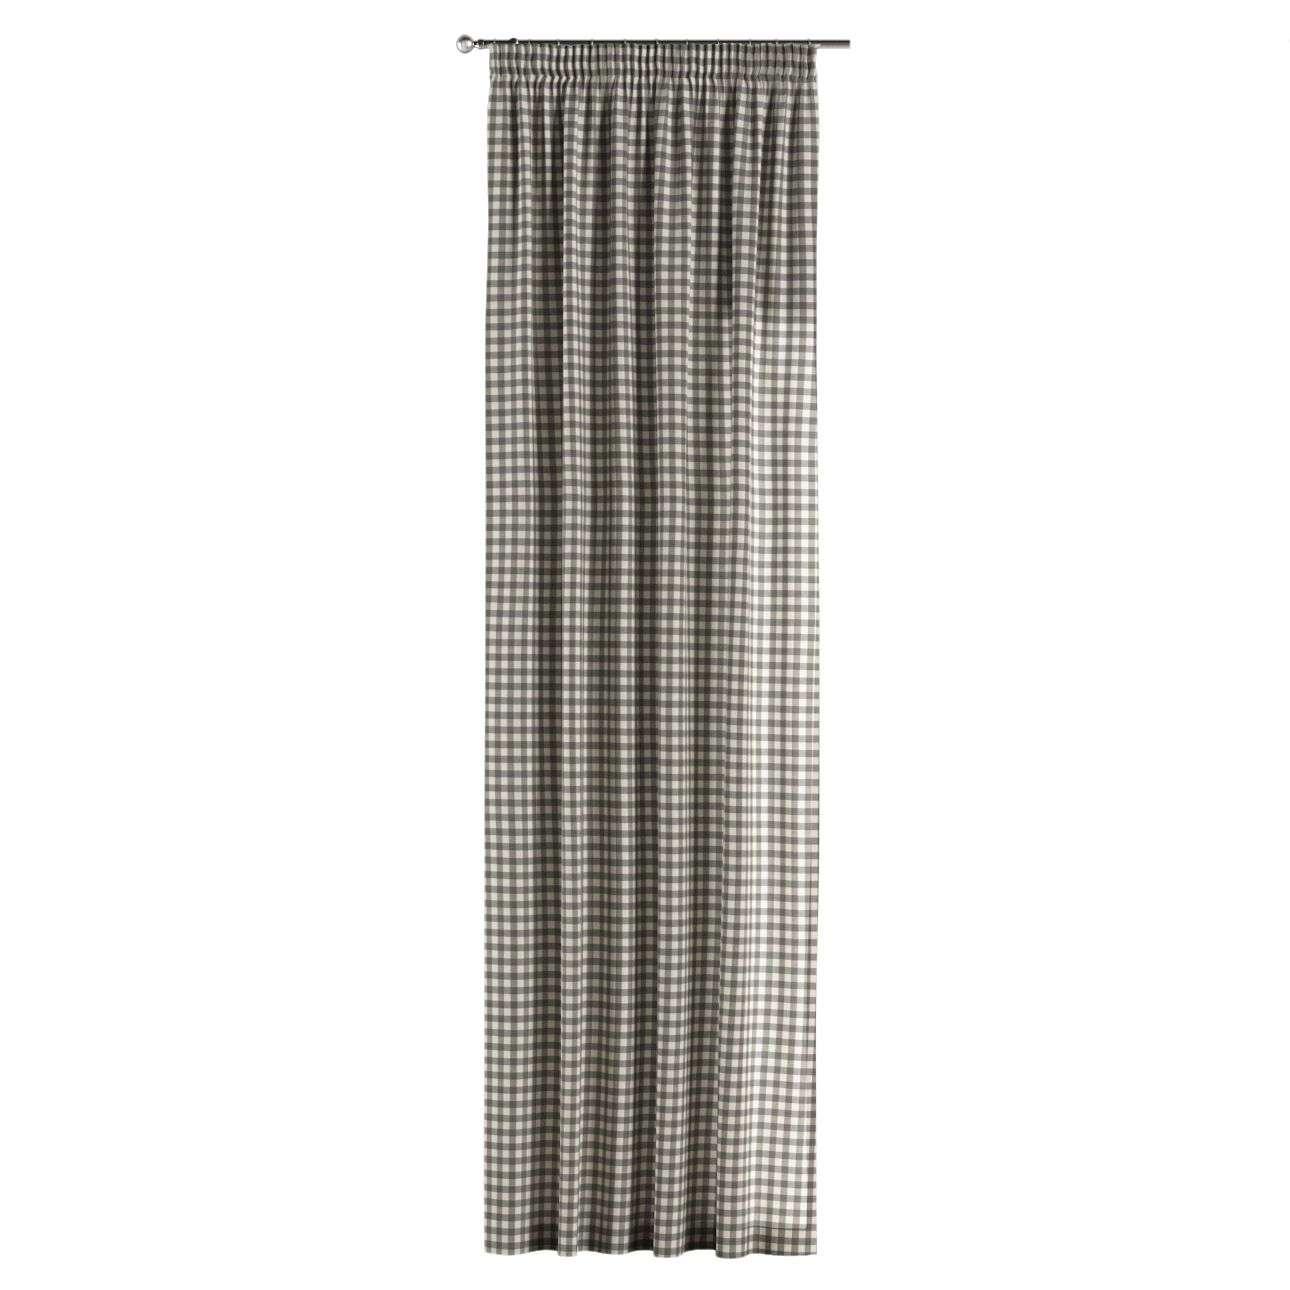 Zasłona na taśmie marszczącej 1 szt. 1szt 130x260 cm w kolekcji Quadro, tkanina: 136-11